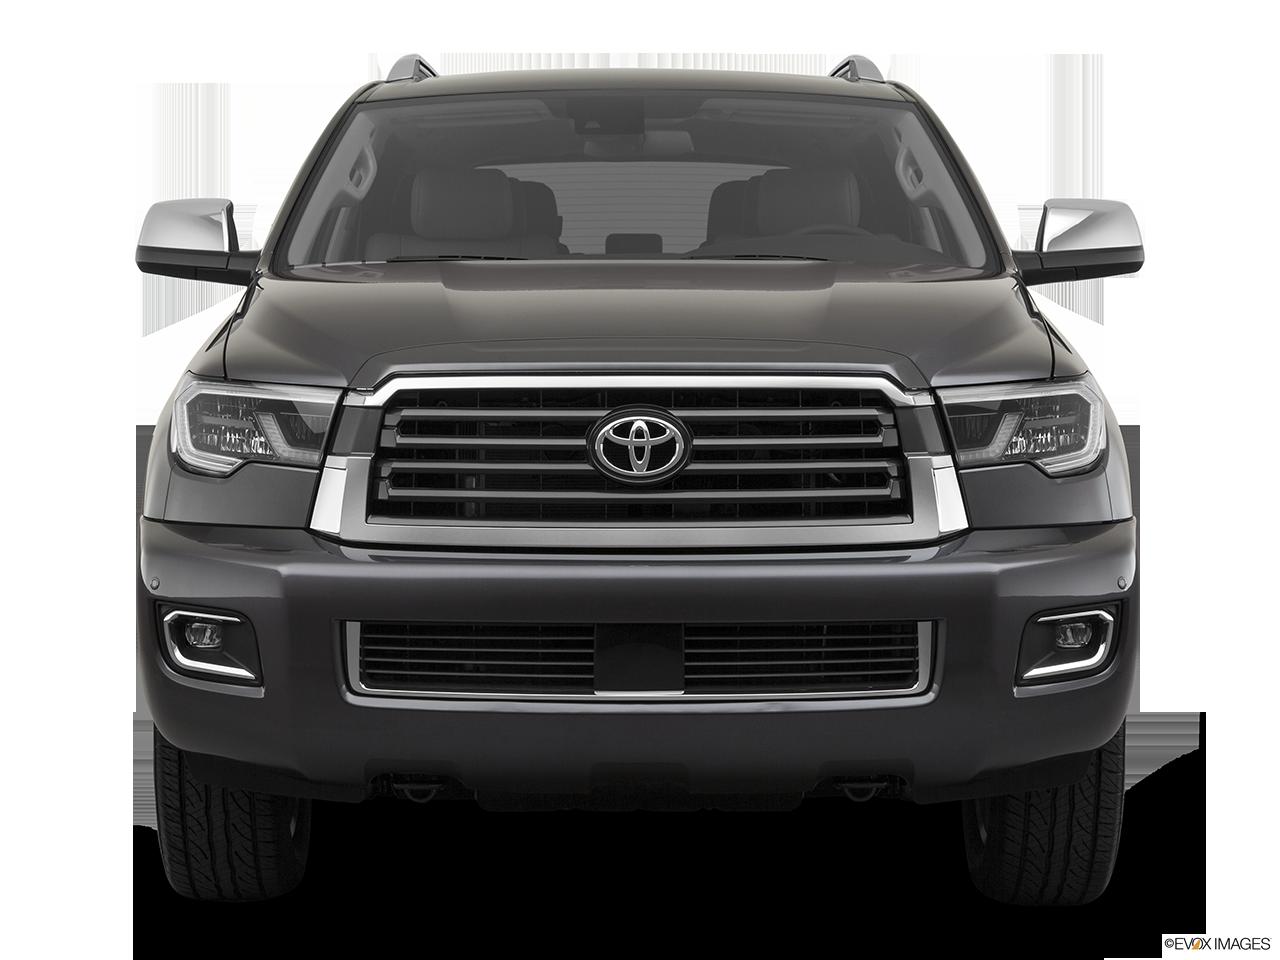 2020 Toyota Sequoia photo